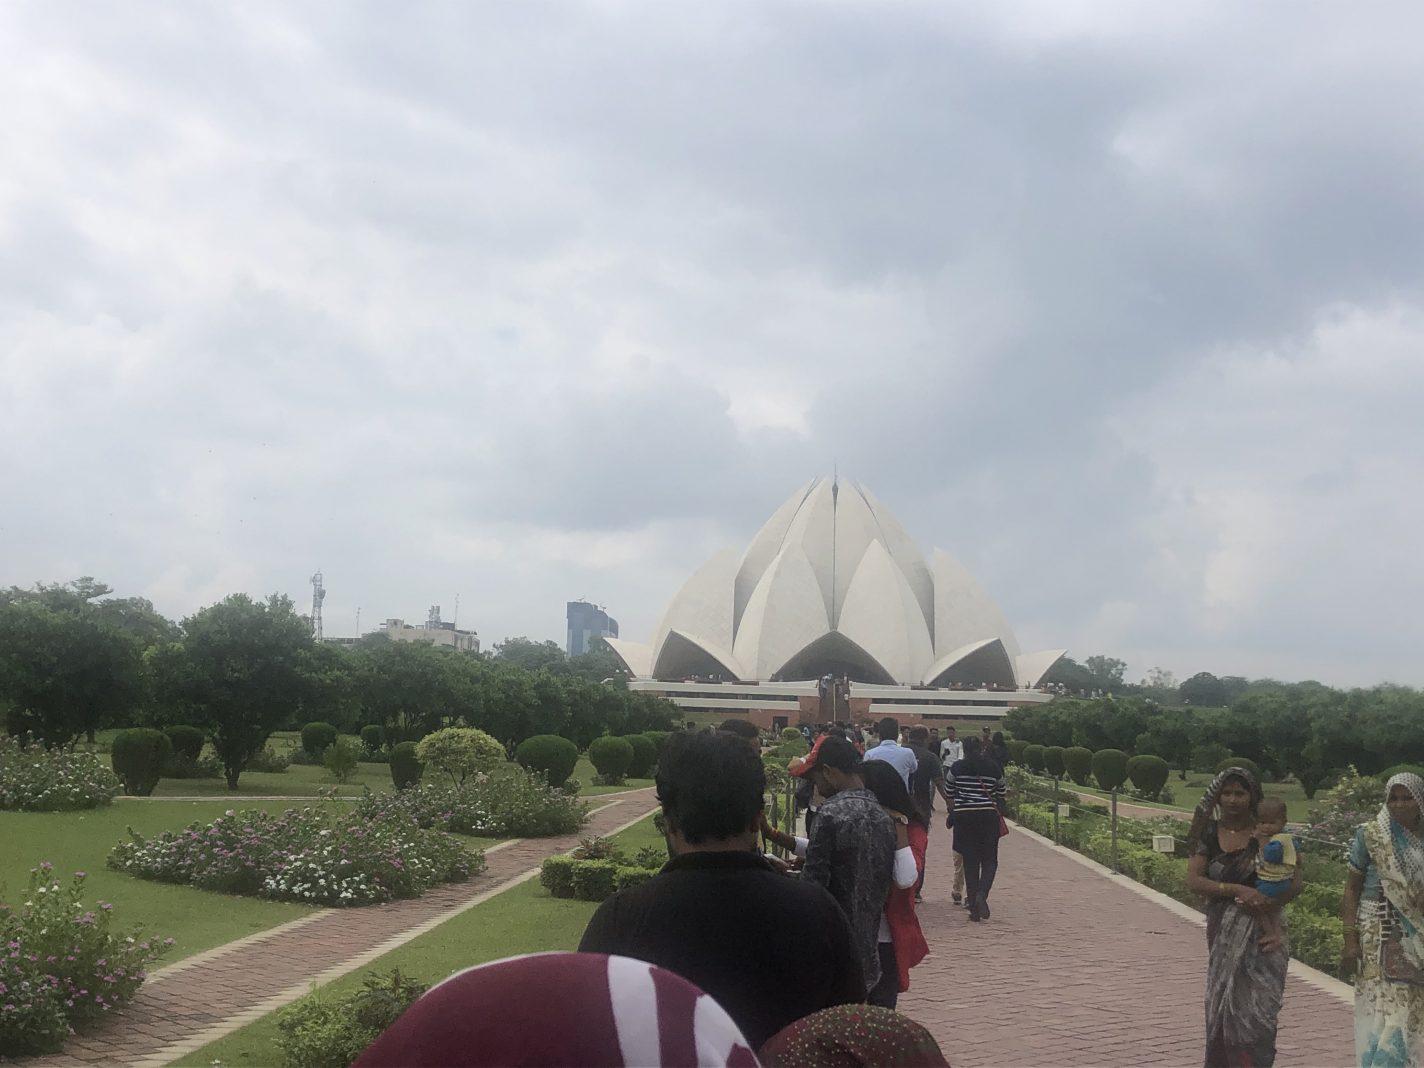 De Lotus Tempel - De grote steden van India